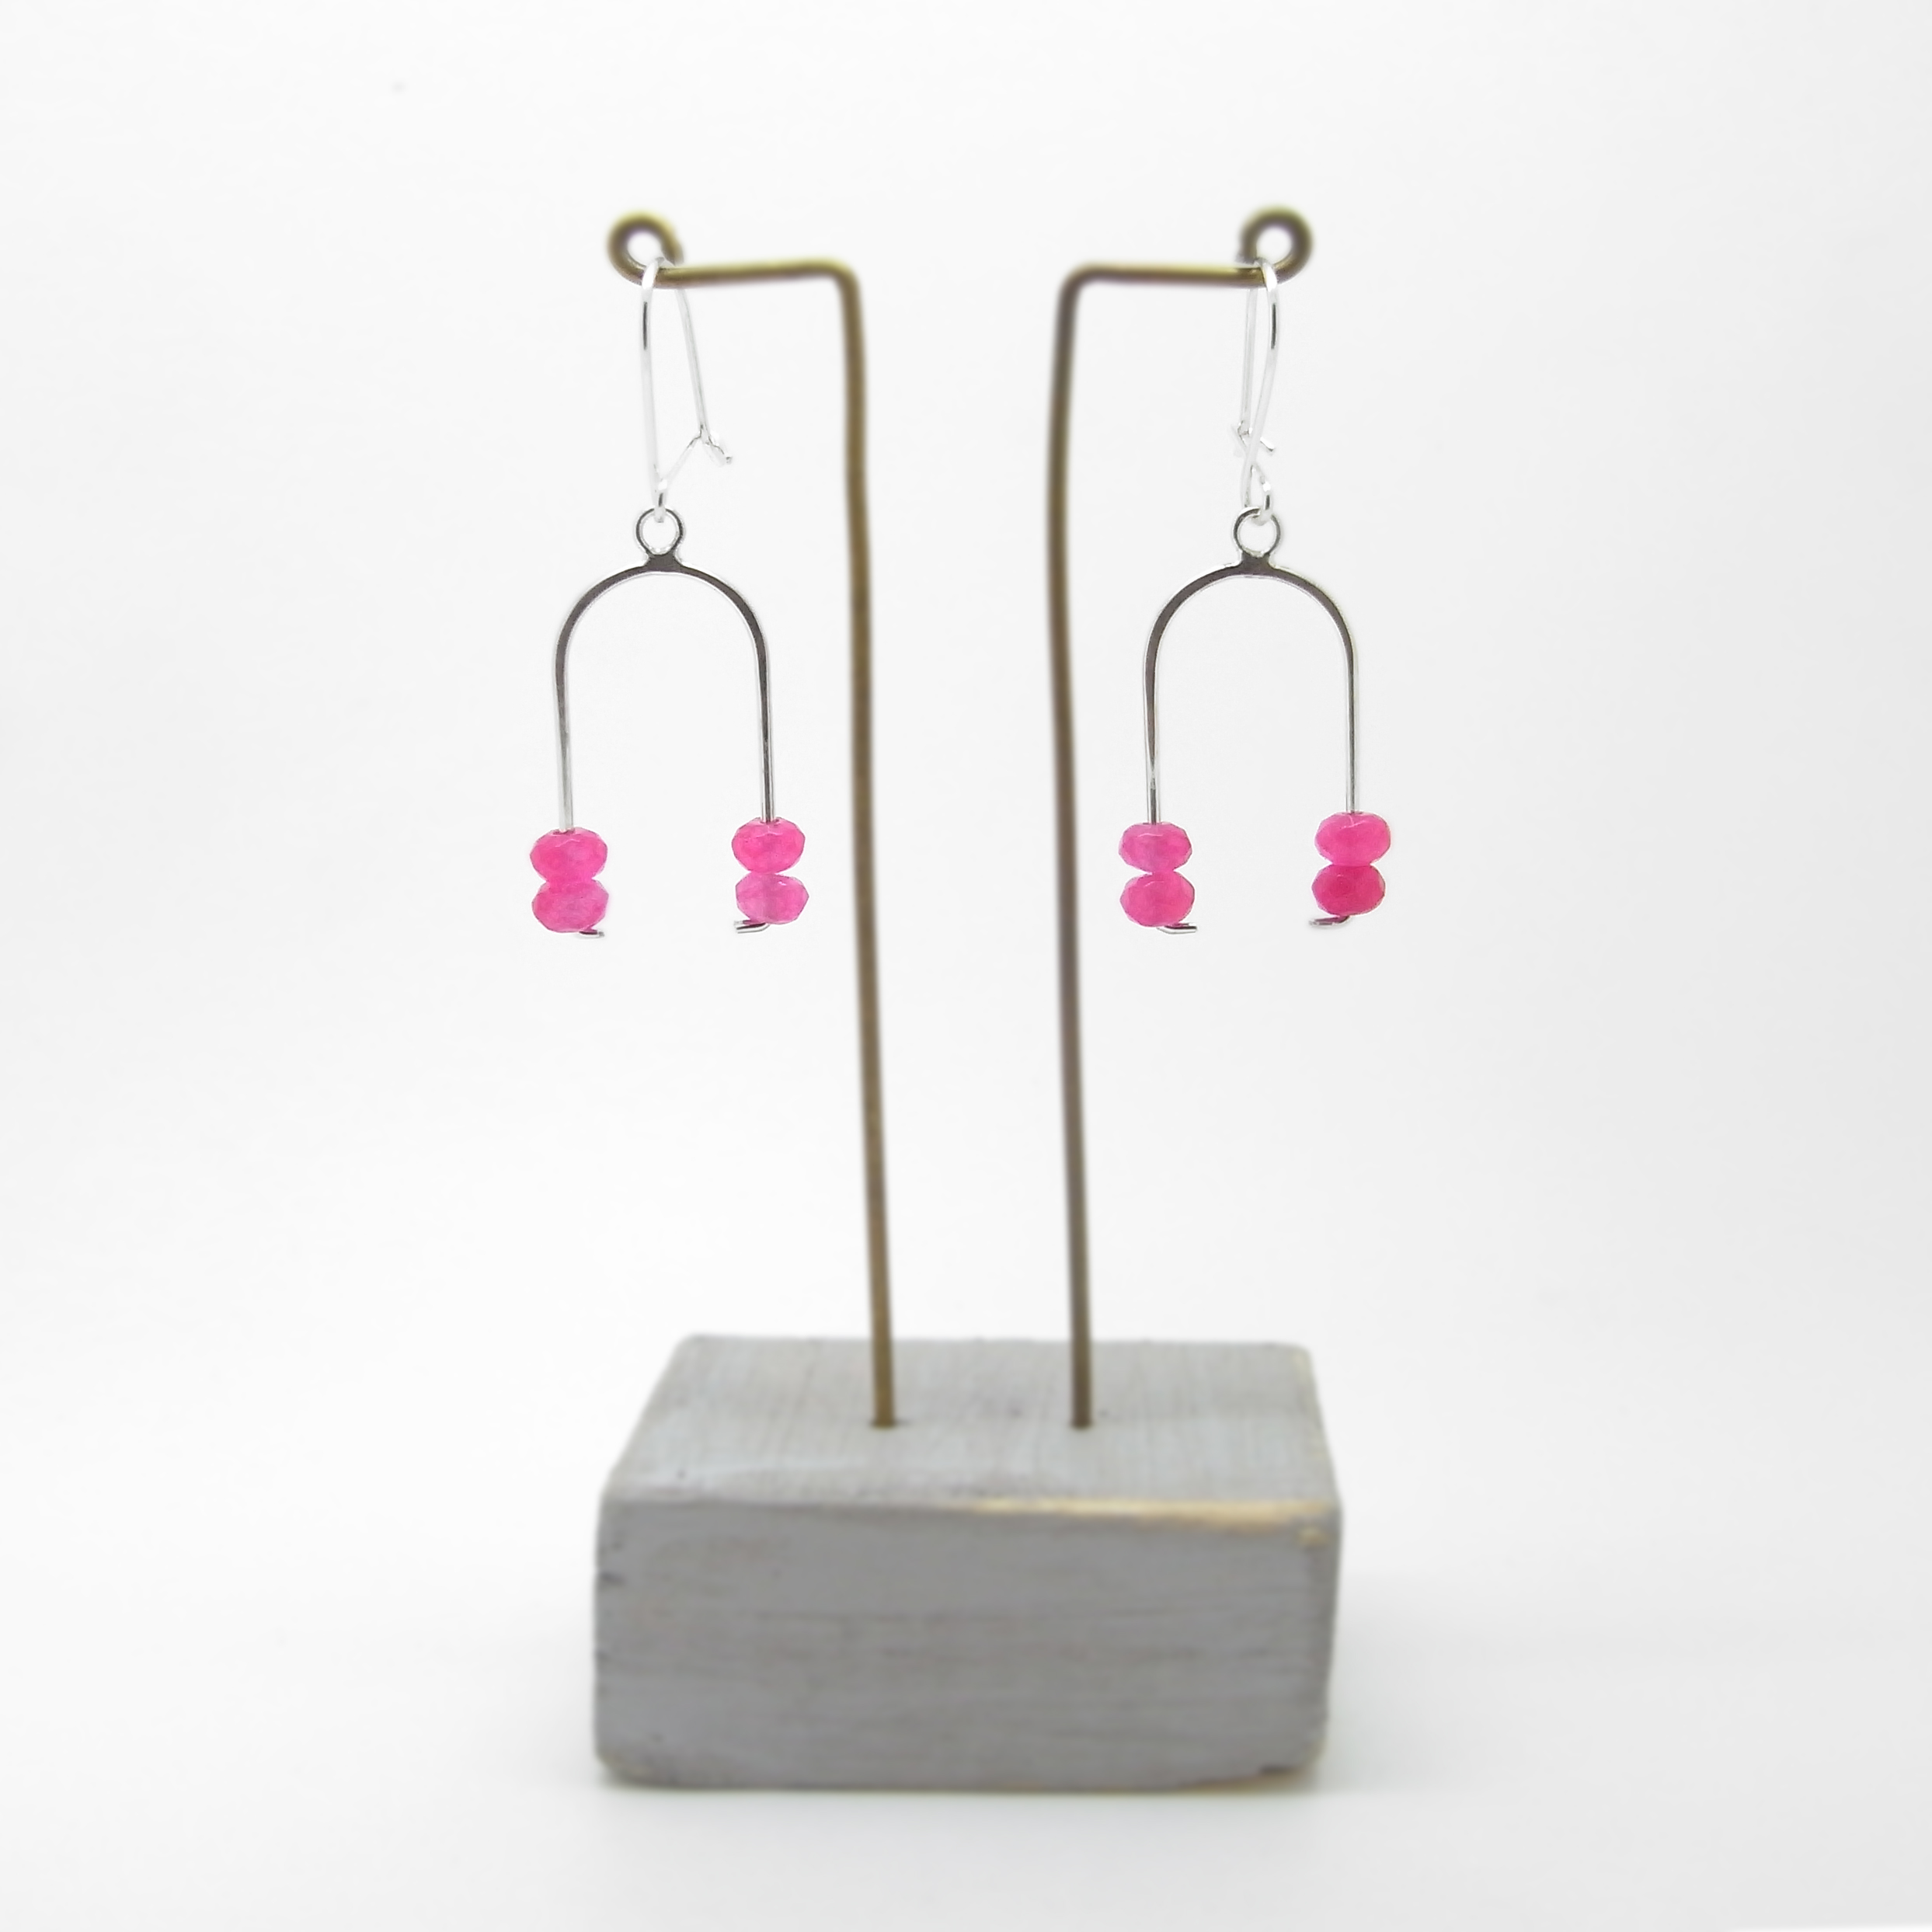 Wishbone Earrings - Pink Agate